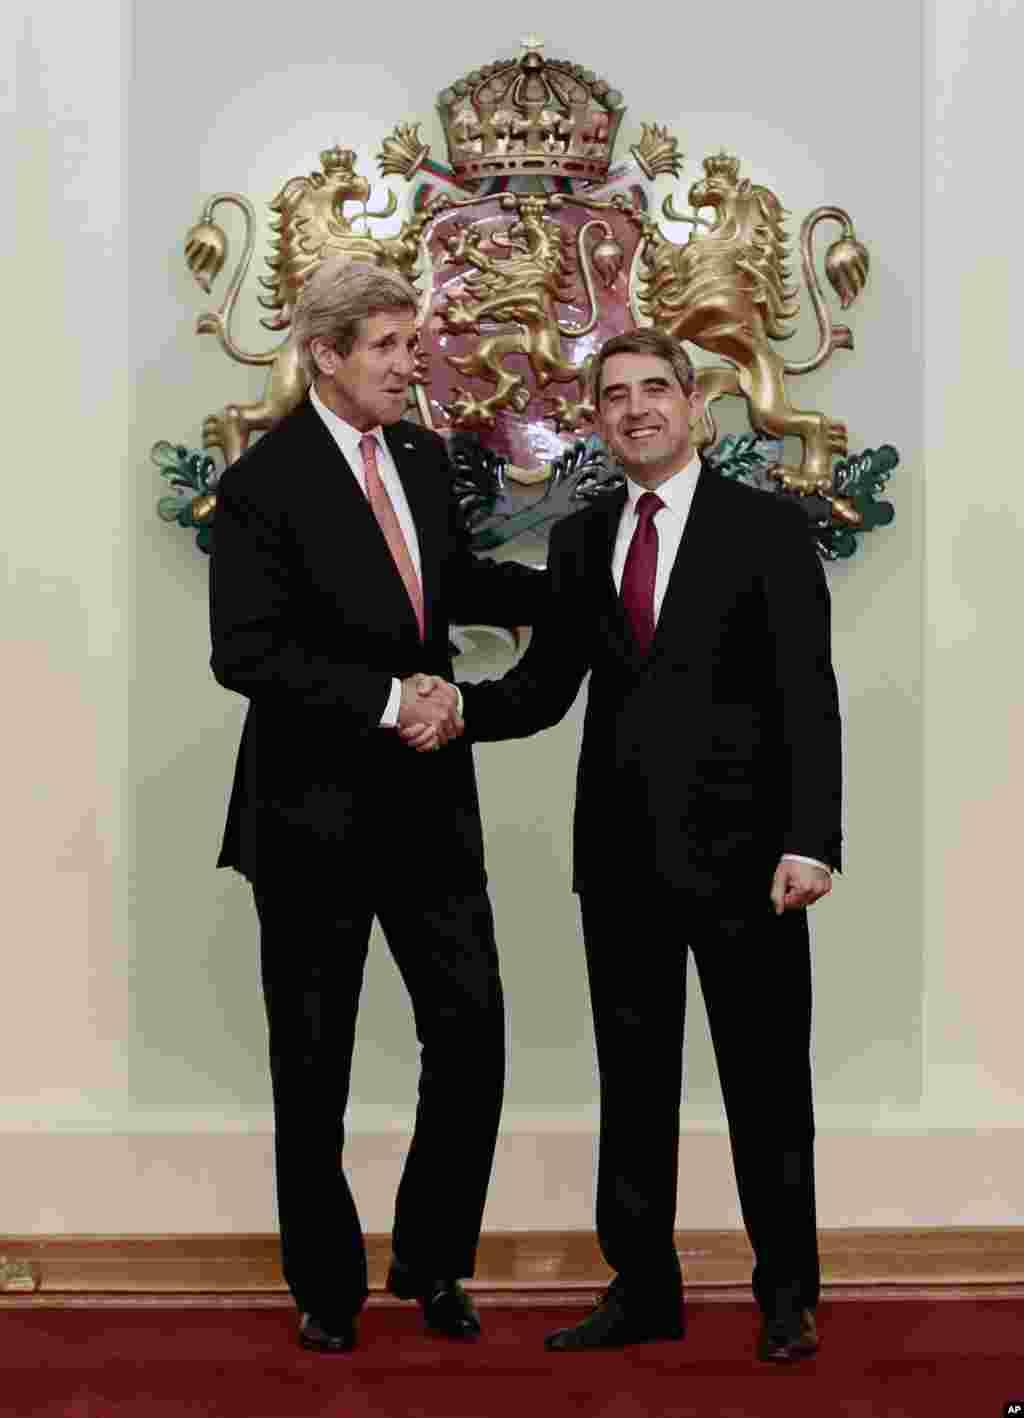 وزير امورخارجه ايالات متحده آمريکا، جان کری،با رئيس جمهوری بلغارستان، روسن پلونليو، در کاخ رياست جمهوری بلغارستان در صوفيه در برابر عکاسان ايستادند -- پنجشنبه ۲۵ ديماه ۱۳۹۳ (۱۵ ژانويه ۲۰۱۵)